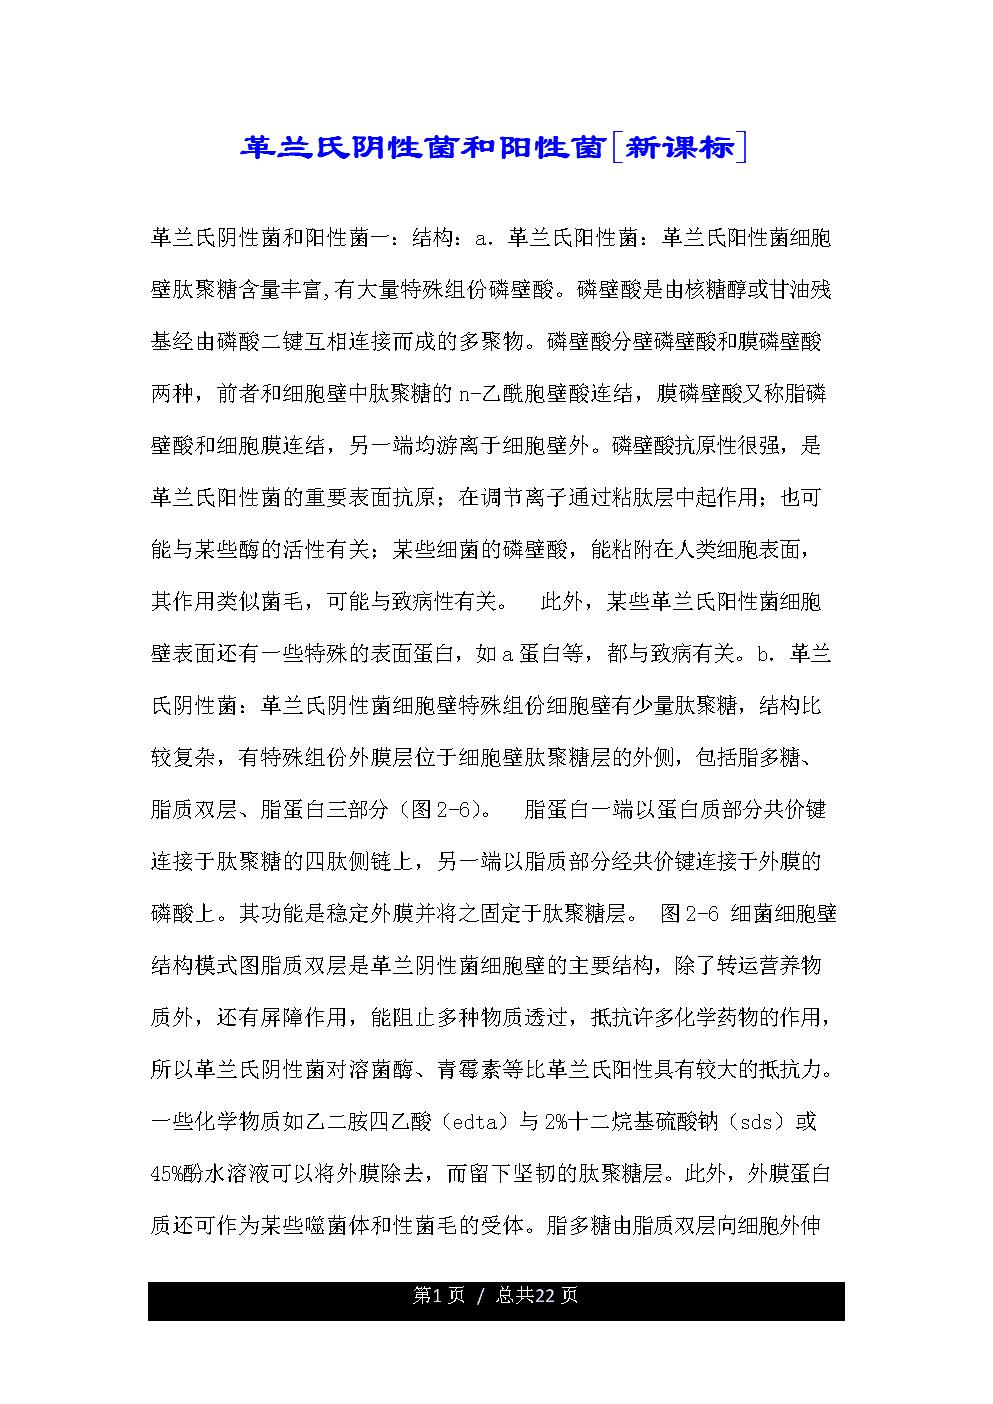 革兰氏阴性菌和阳性菌[新课标].doc